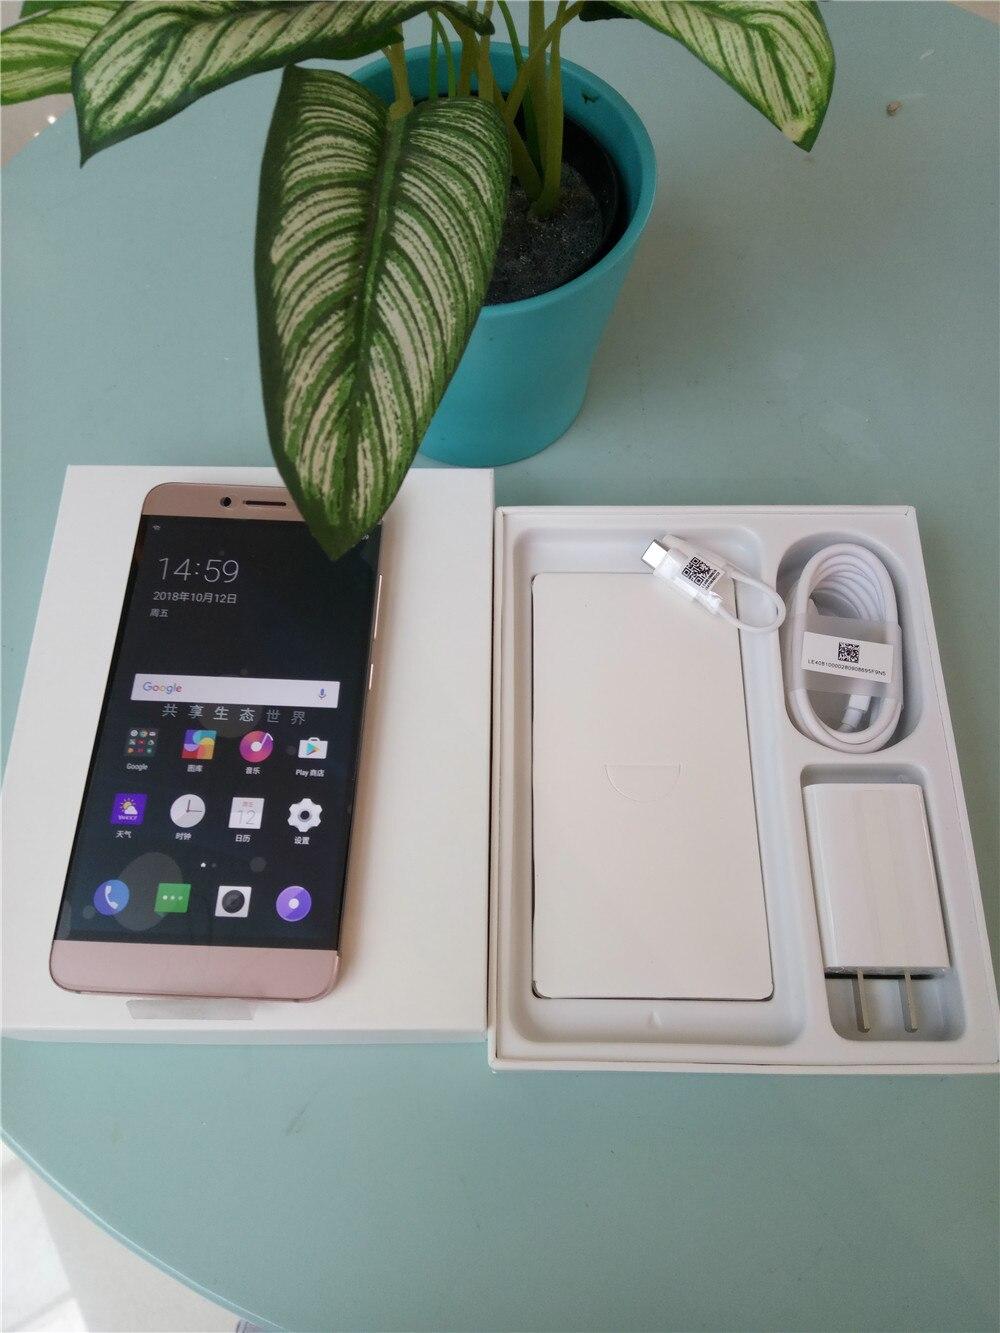 LeEco LETV LE 2 PRO X620 4 gb RAM 32 gb ROM Helio X20 MTK6797 Deca Core 5.5 pouce Dans cellulaire Écran FHD Android 6.0 4g LTE Smartphone